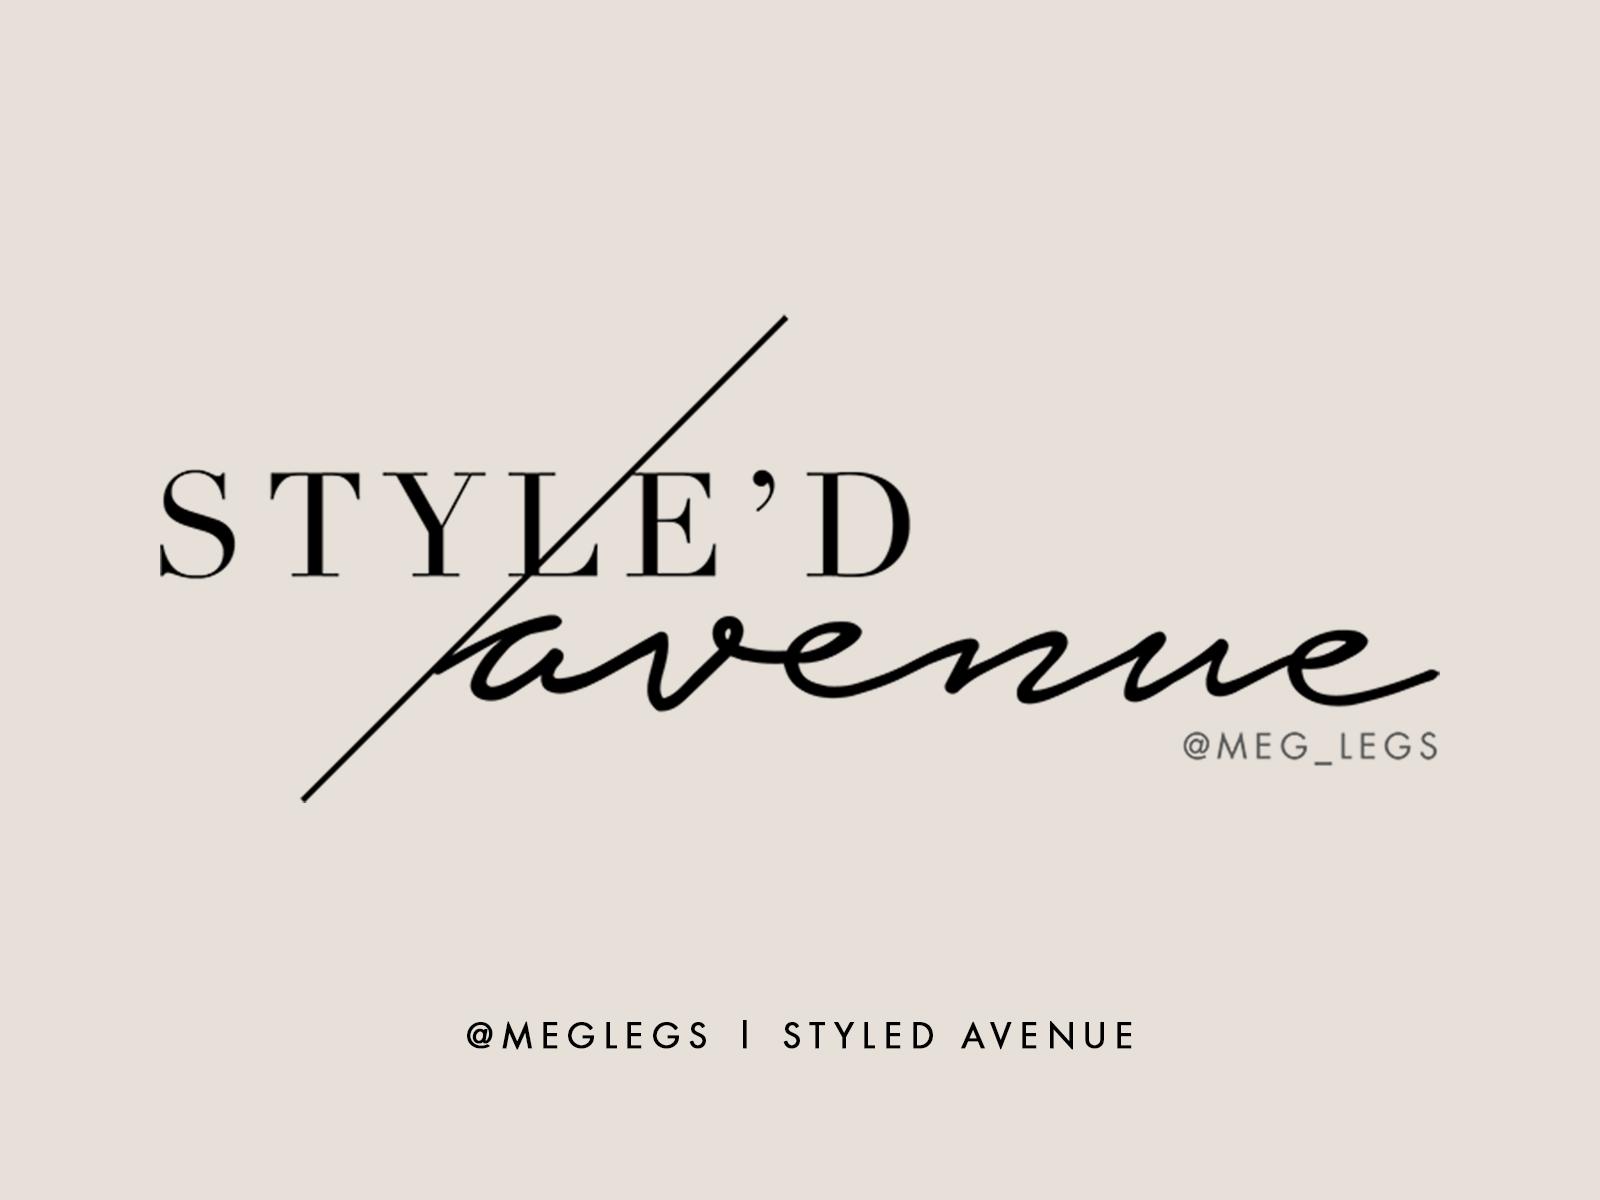 logo_styledave.jpg